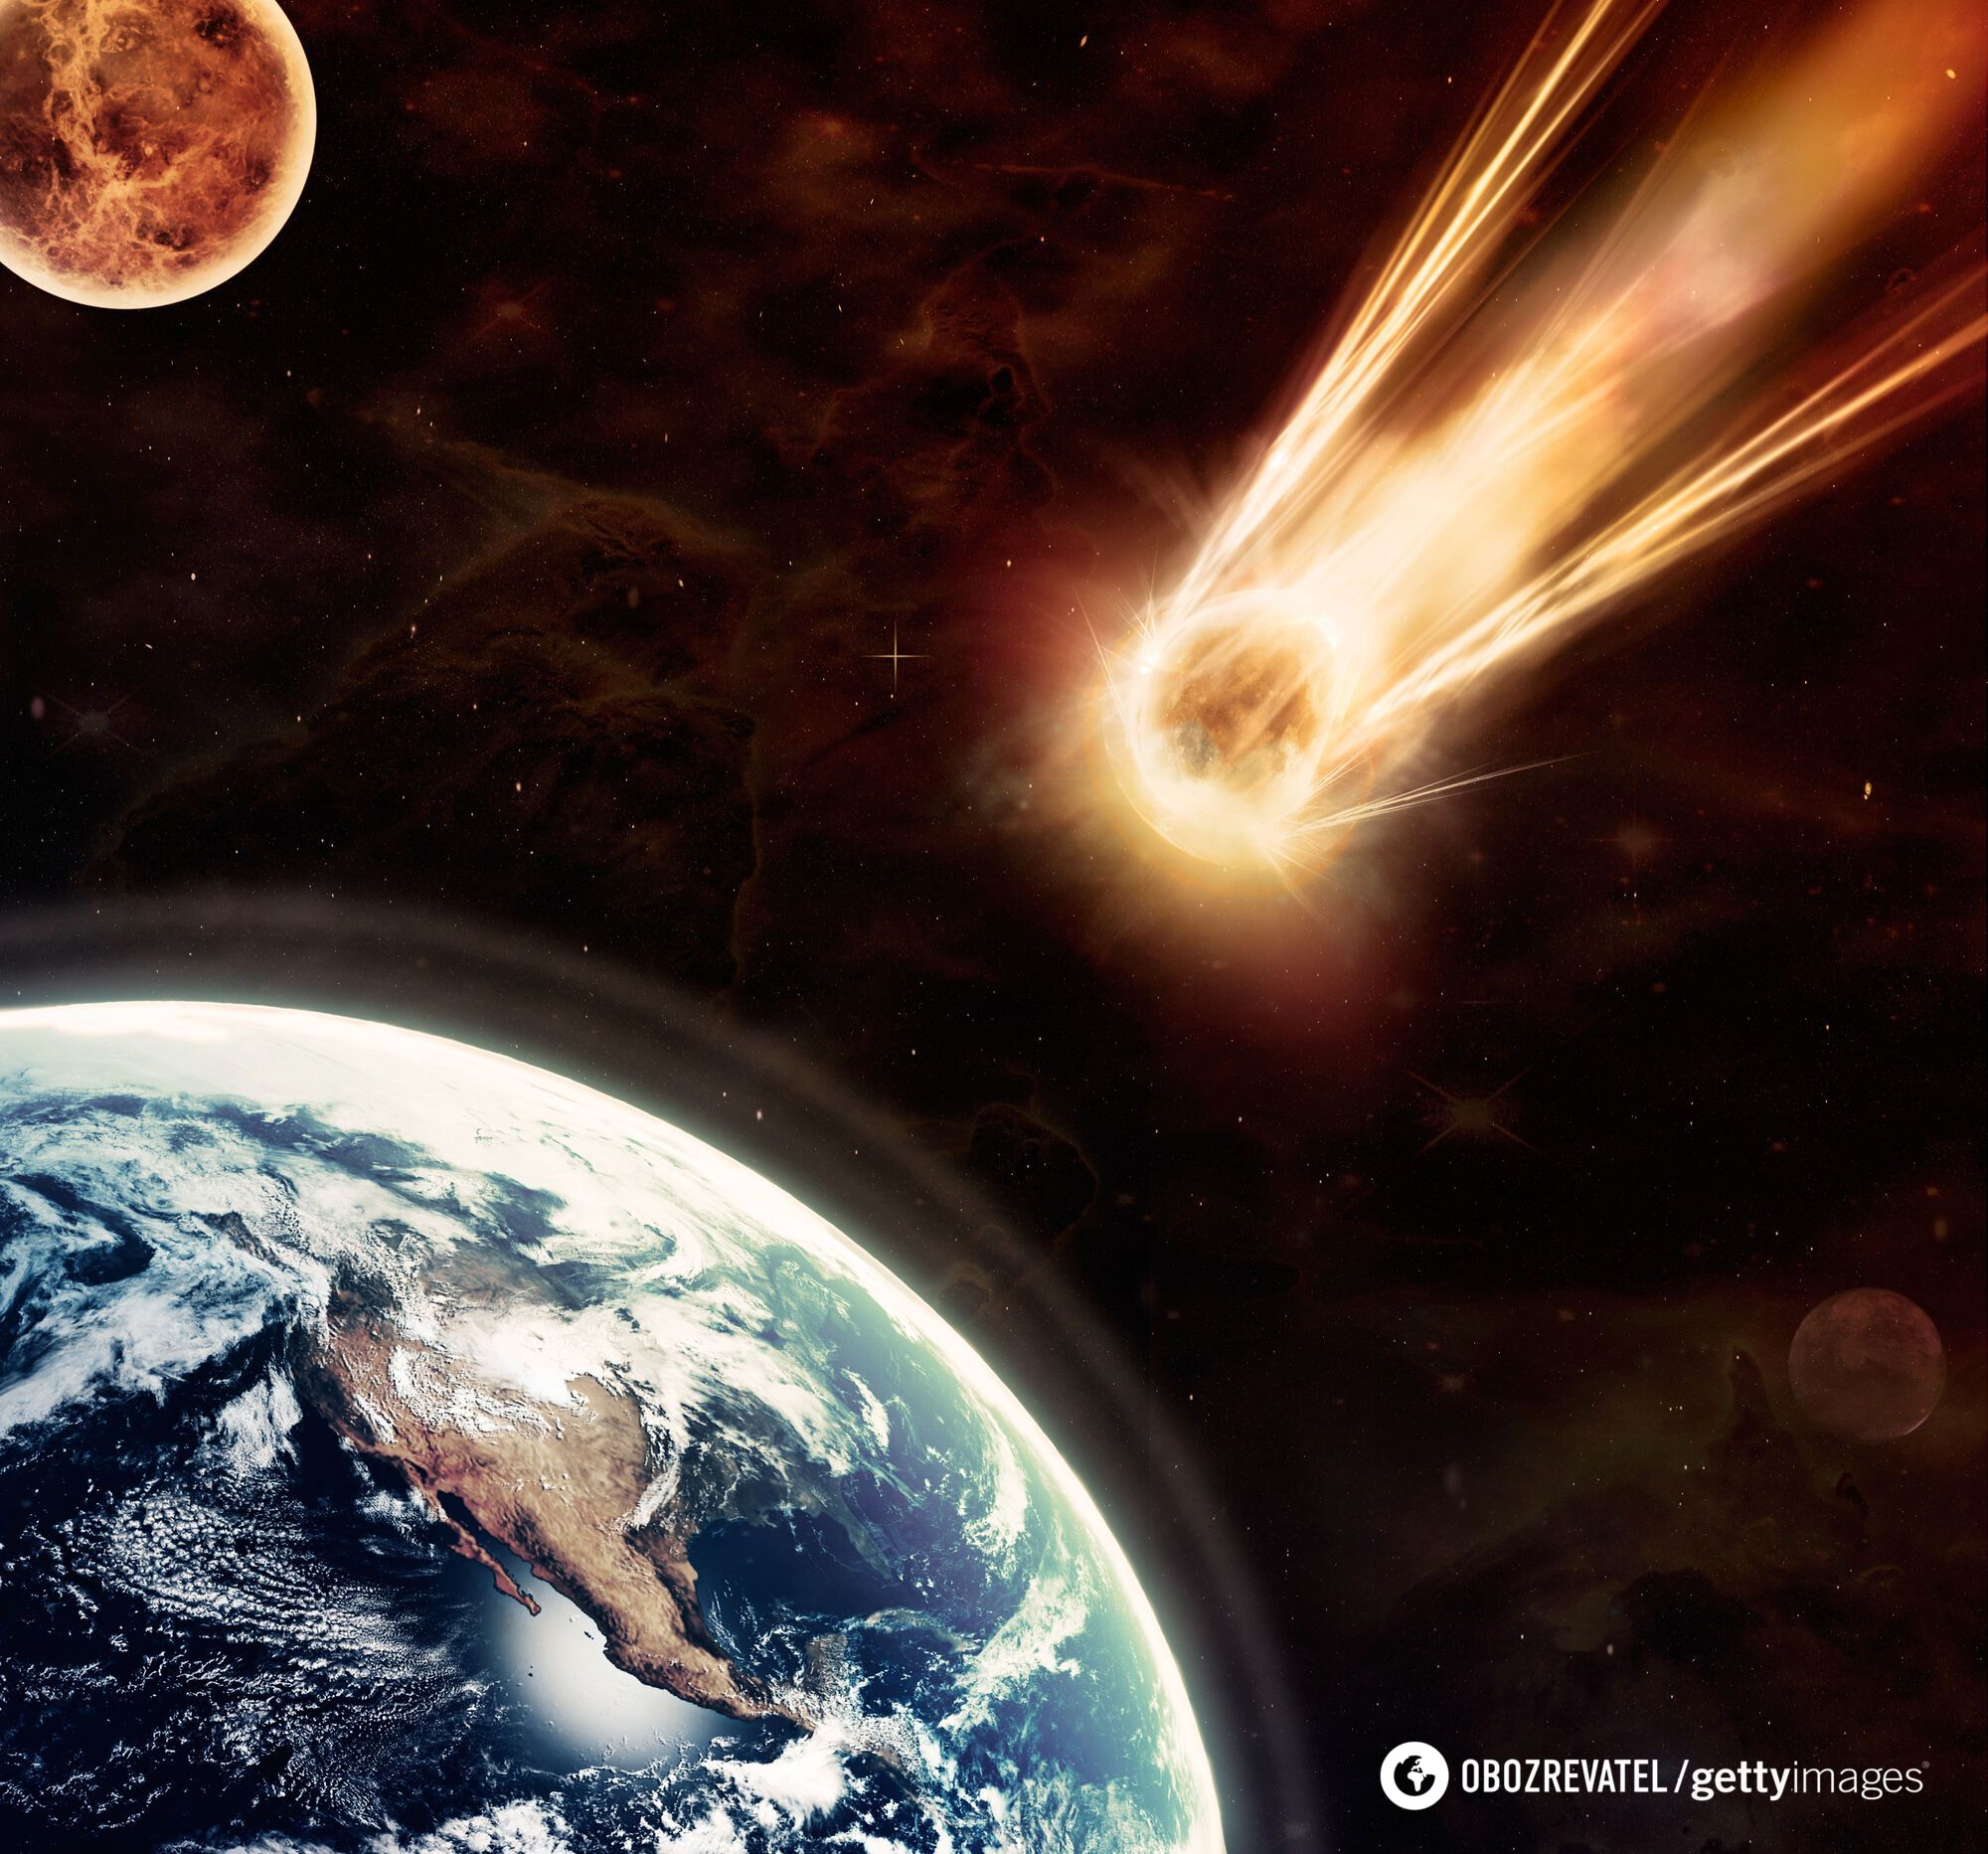 Найбільший астероїд 501647 досягає в діаметрі до 210 метрів